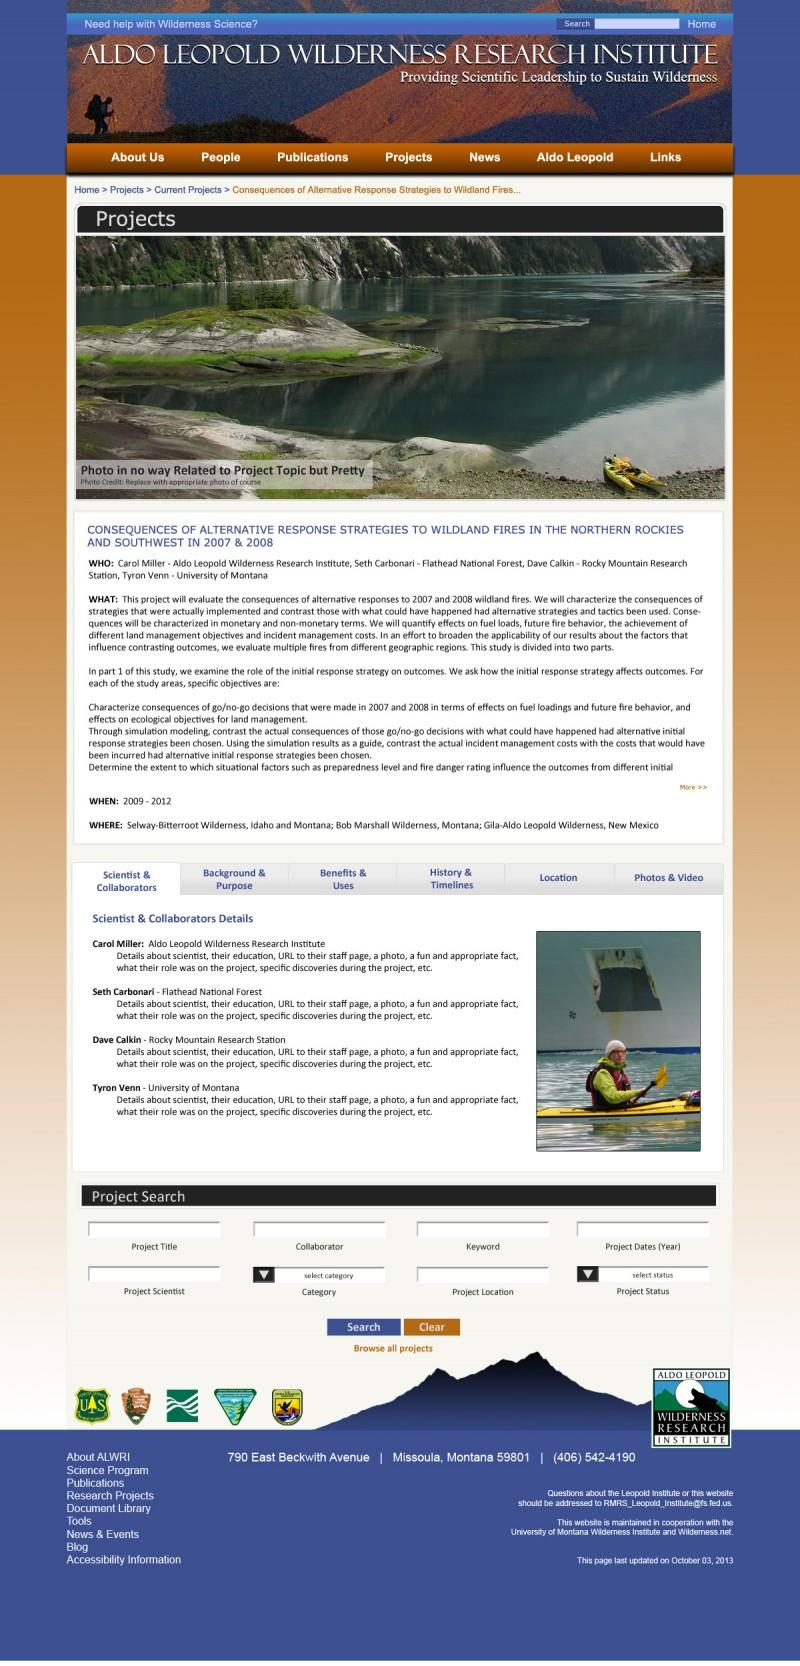 Website design, graphic design, SQL, Drupal, Database